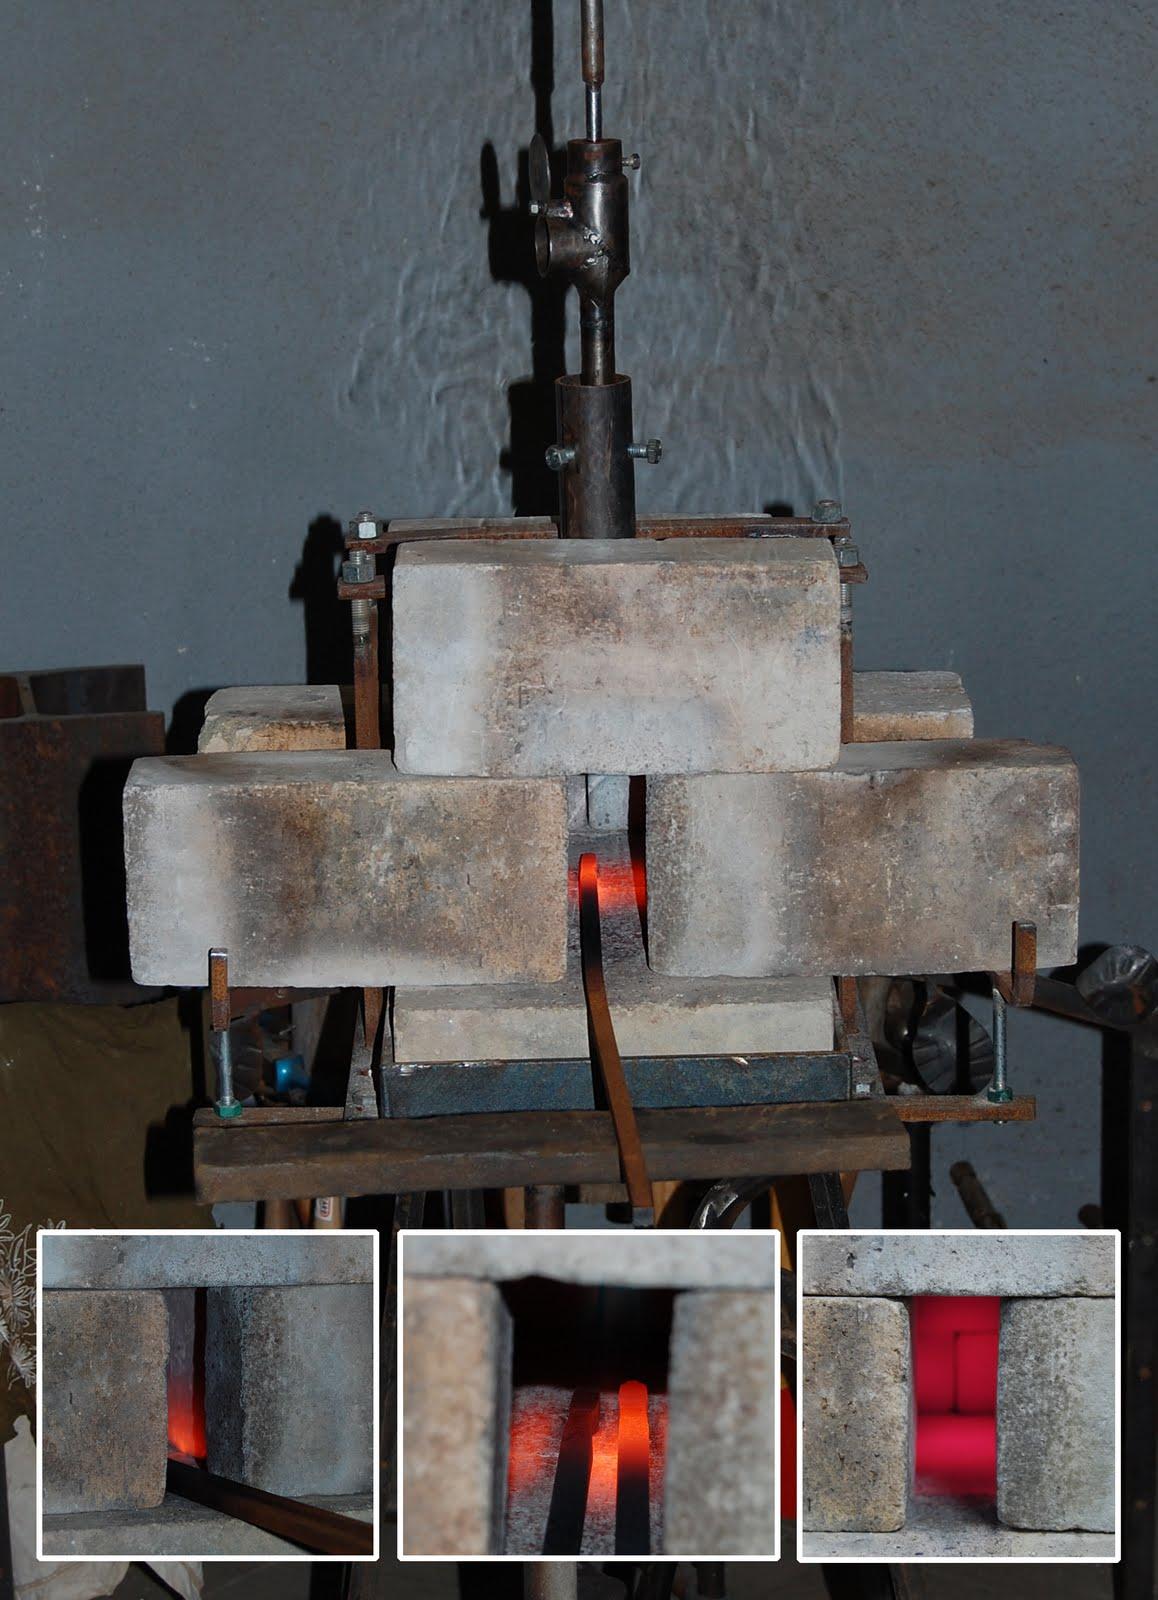 forja a gas glp para cutelaria e ferraria 01 forja a gas glp para ...